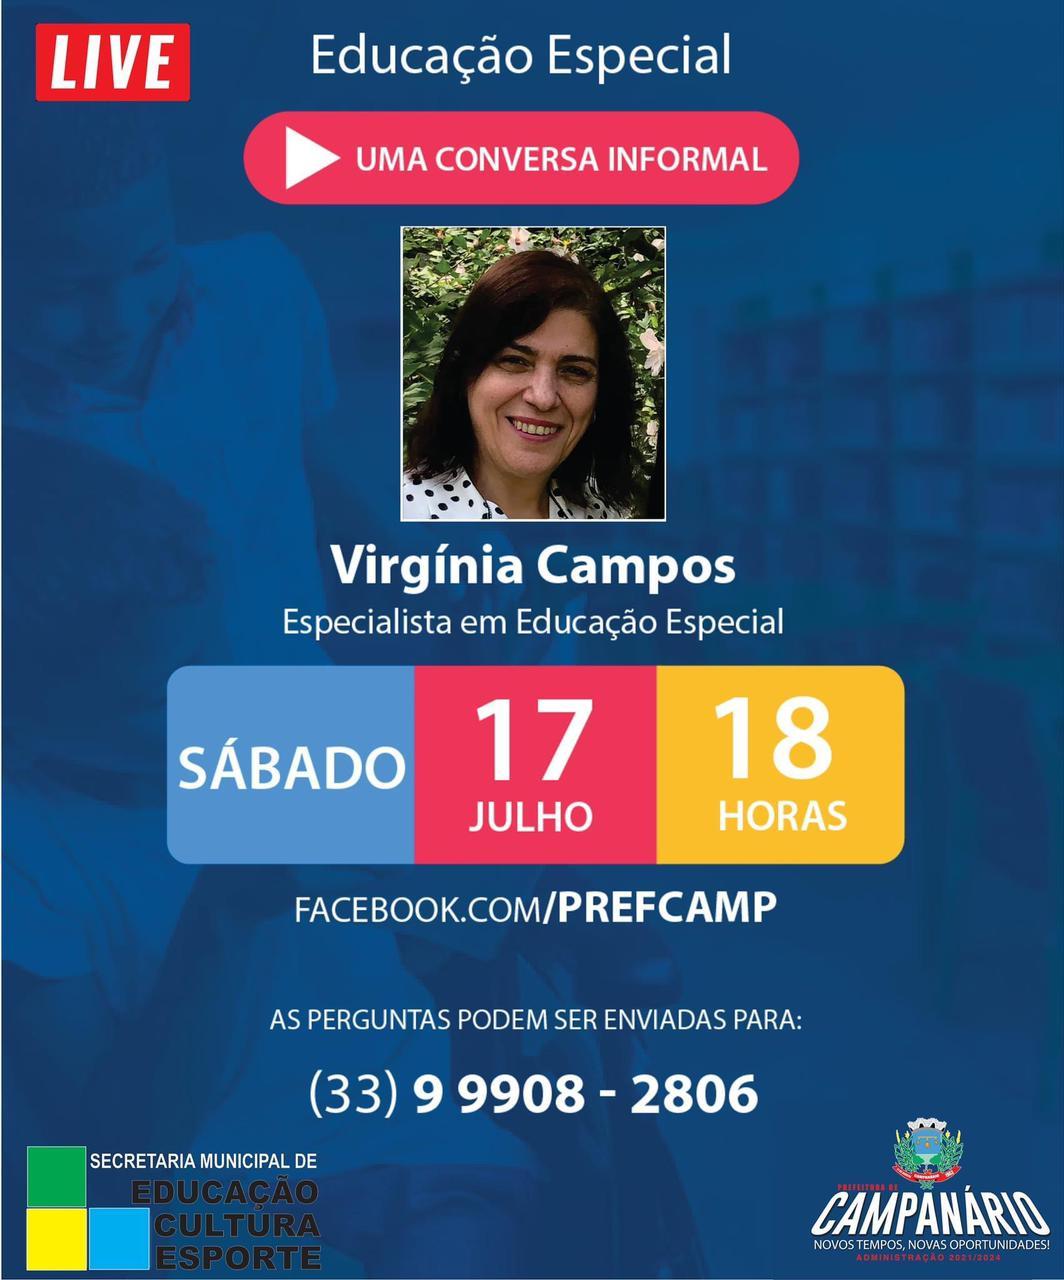 LIVE EDUCAÇÃO ESPECIAL, COM VIRGÍNIA CAMPOS